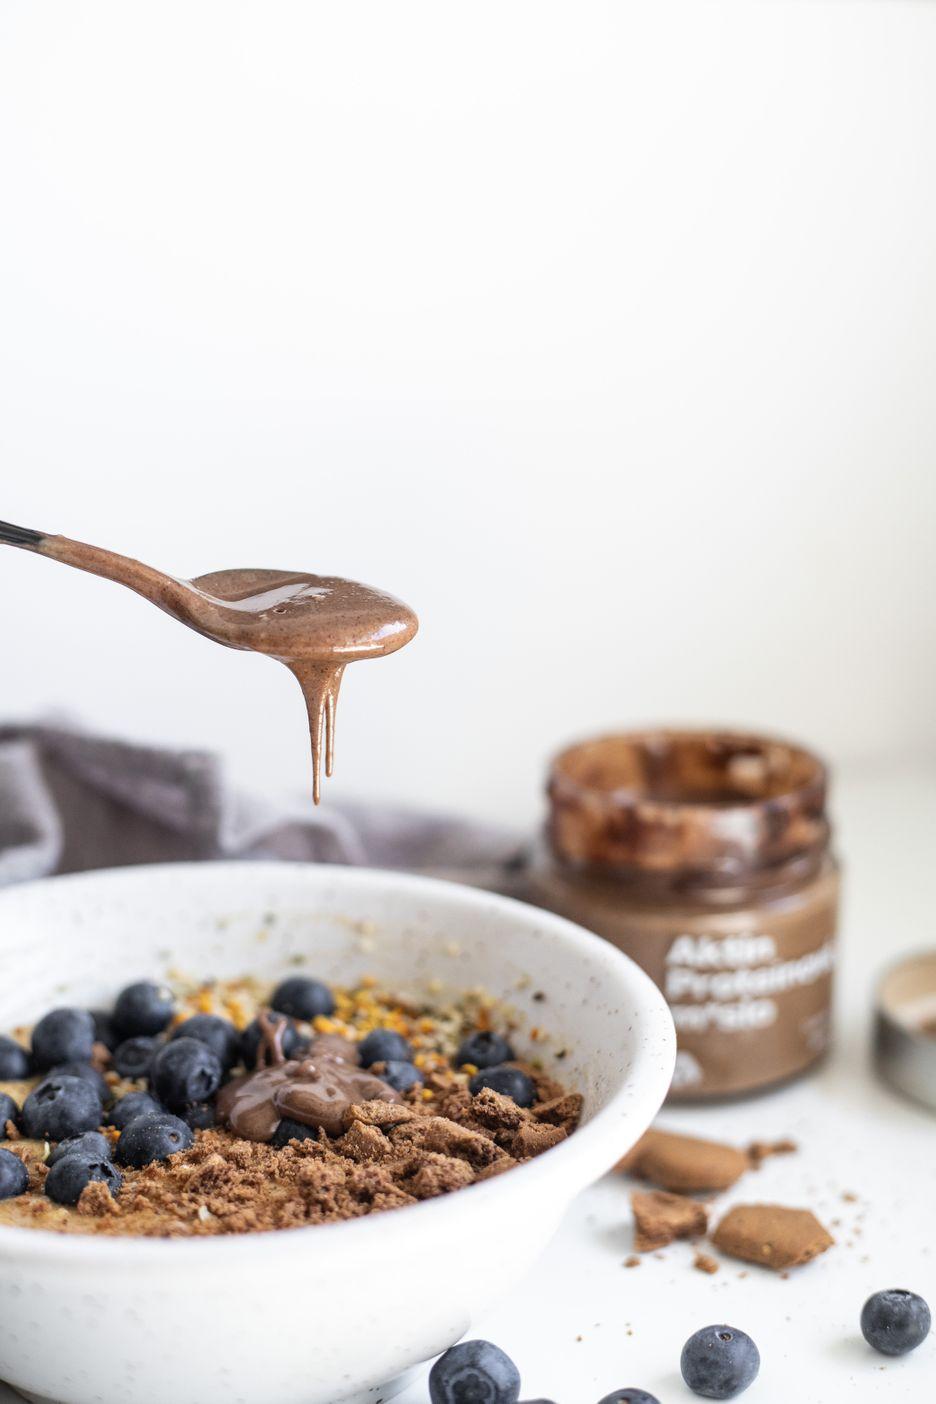 Aktin Proteinové ořechové máslo karamel s kakaem 200 g